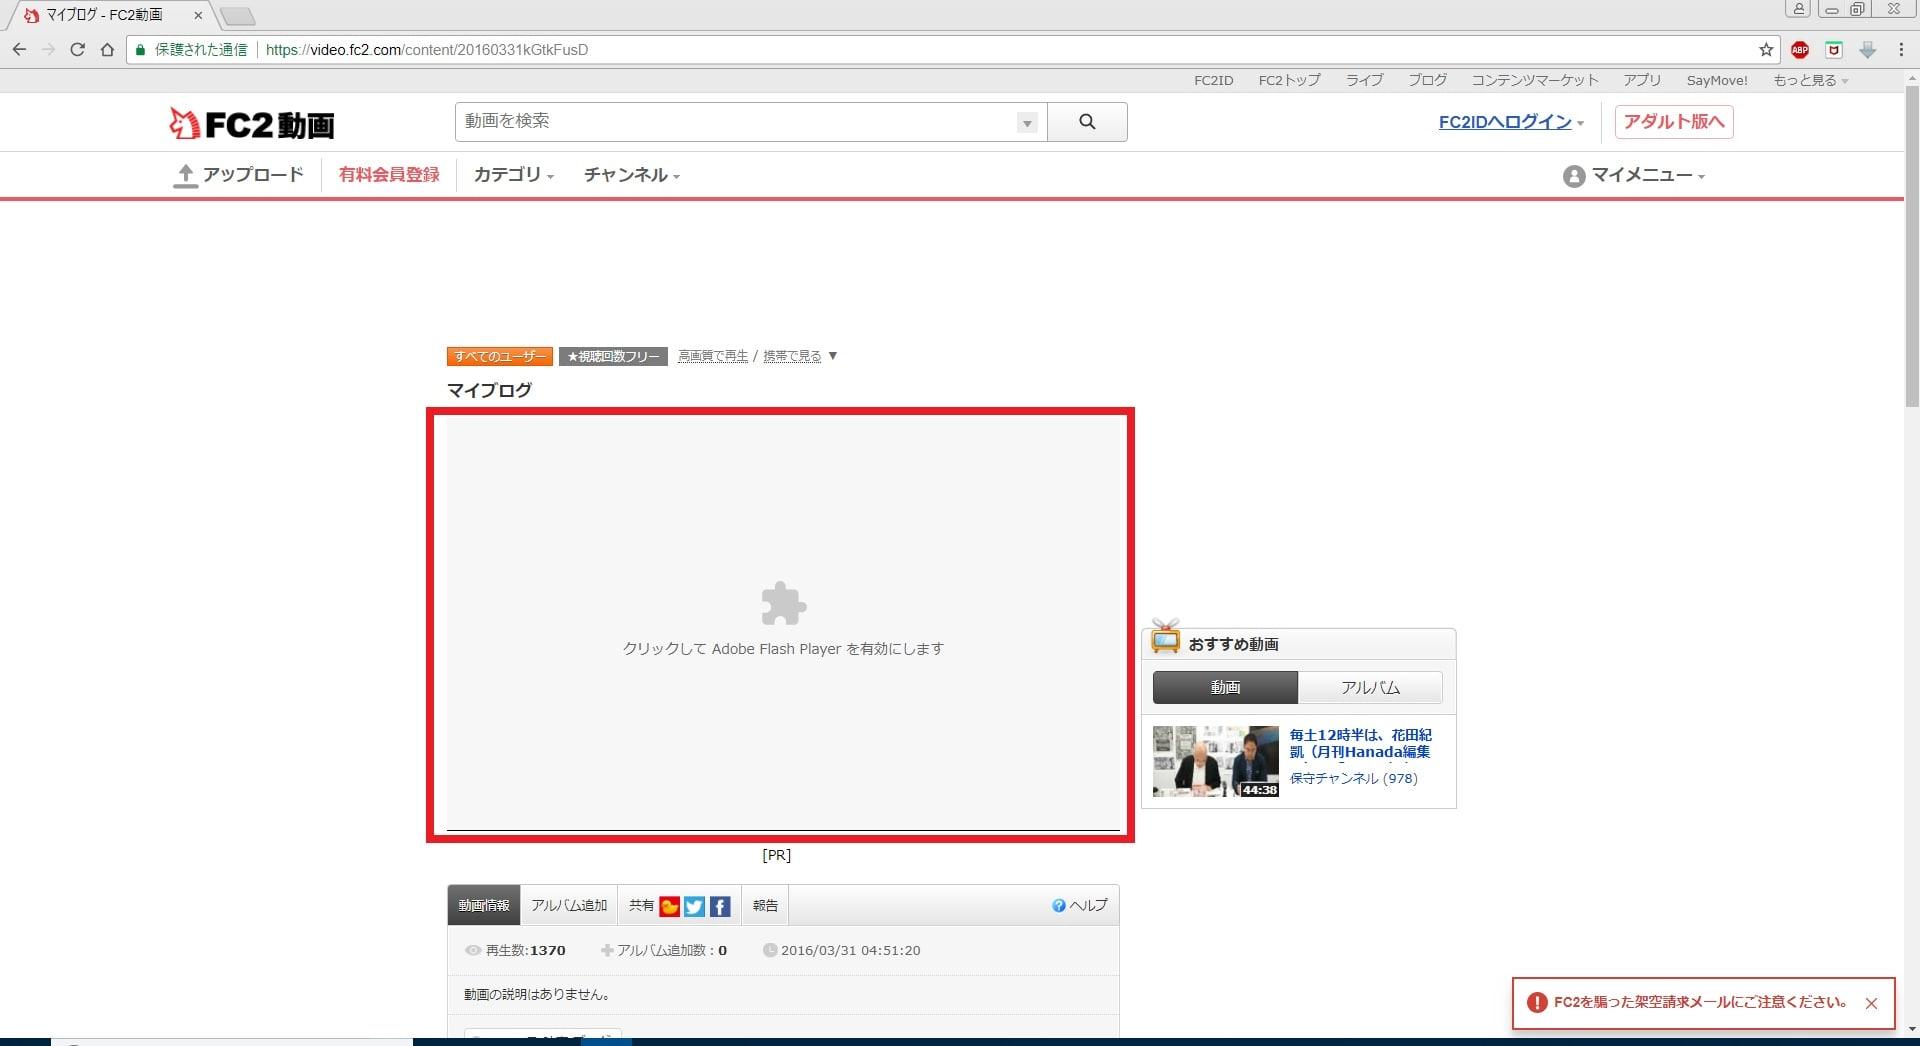 「FC2動画」の動画再生ページでadobe flash playerを有効にする